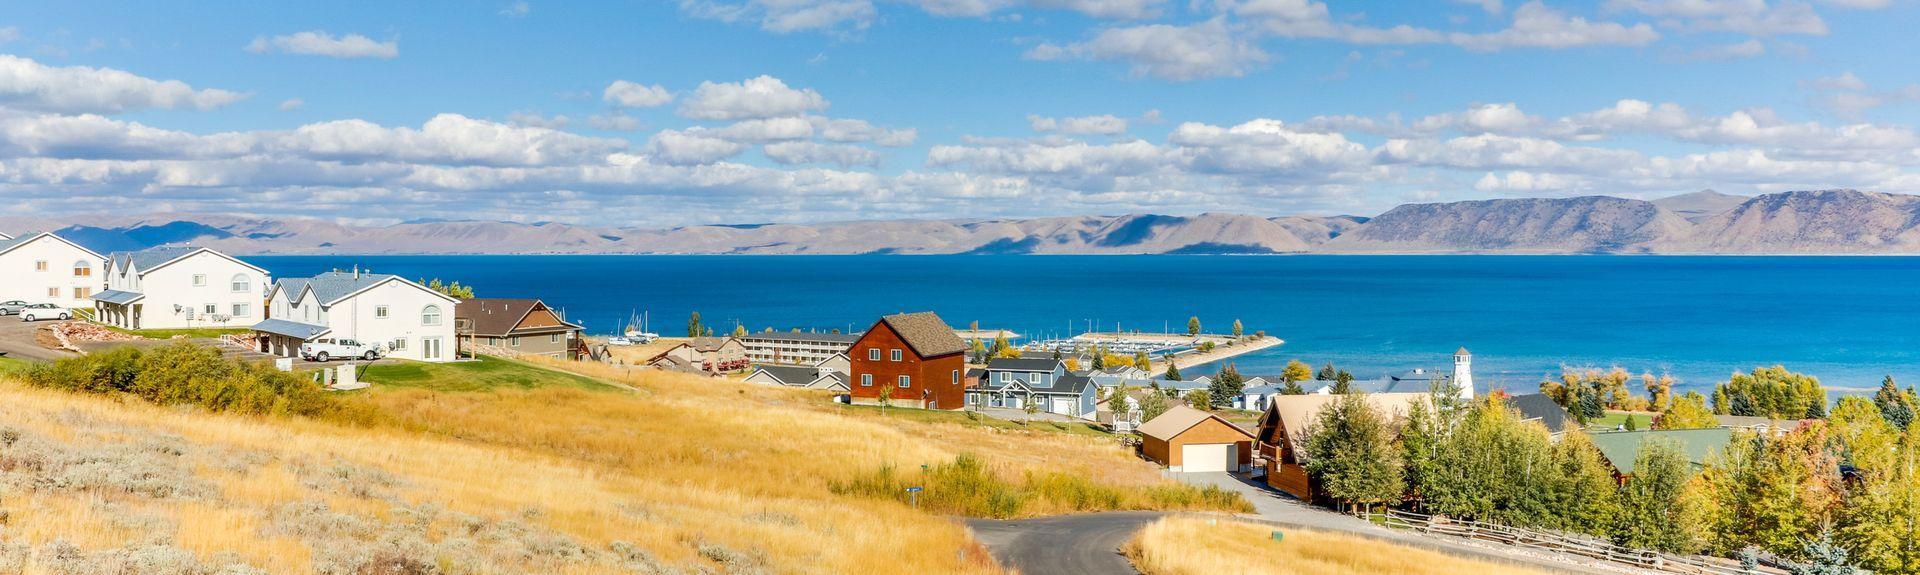 Preston, Idaho, United States of America